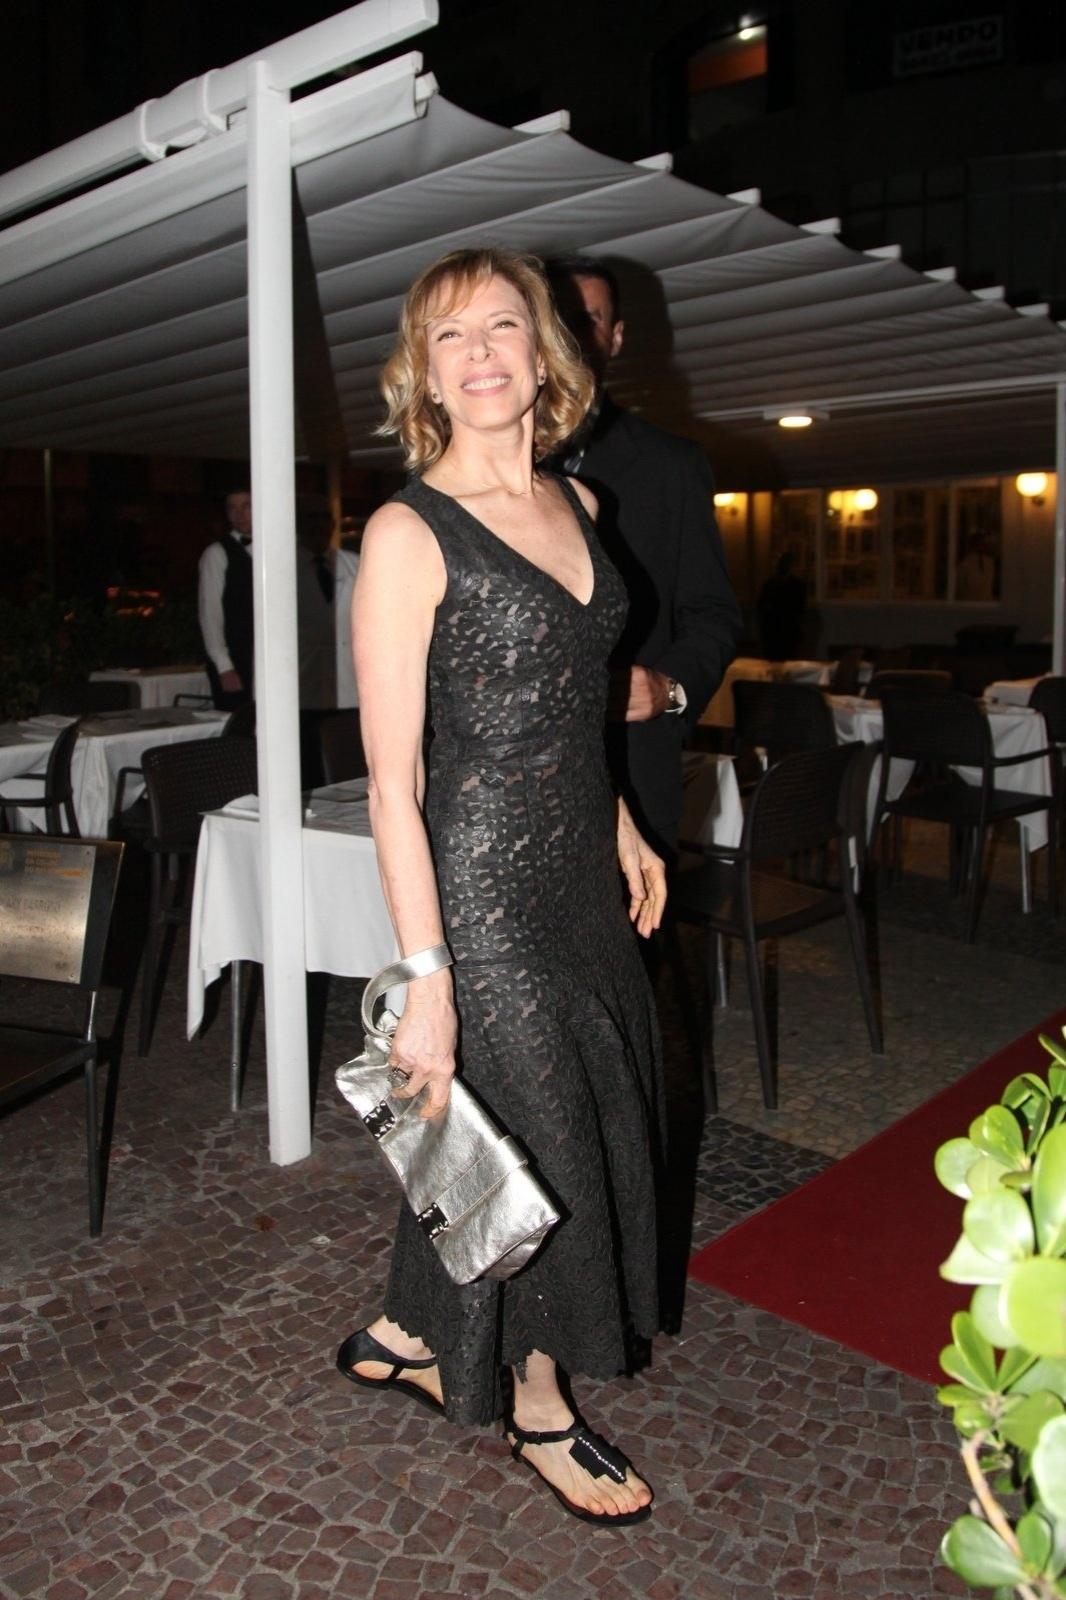 8.dez.2014 - Marília Gabriela chega à comemoração de 79 anos de Boni que reuniu vários famosos em um restaurante em Copacabana, na zona sul do Rio de Janeiro, nesta segunda-feira